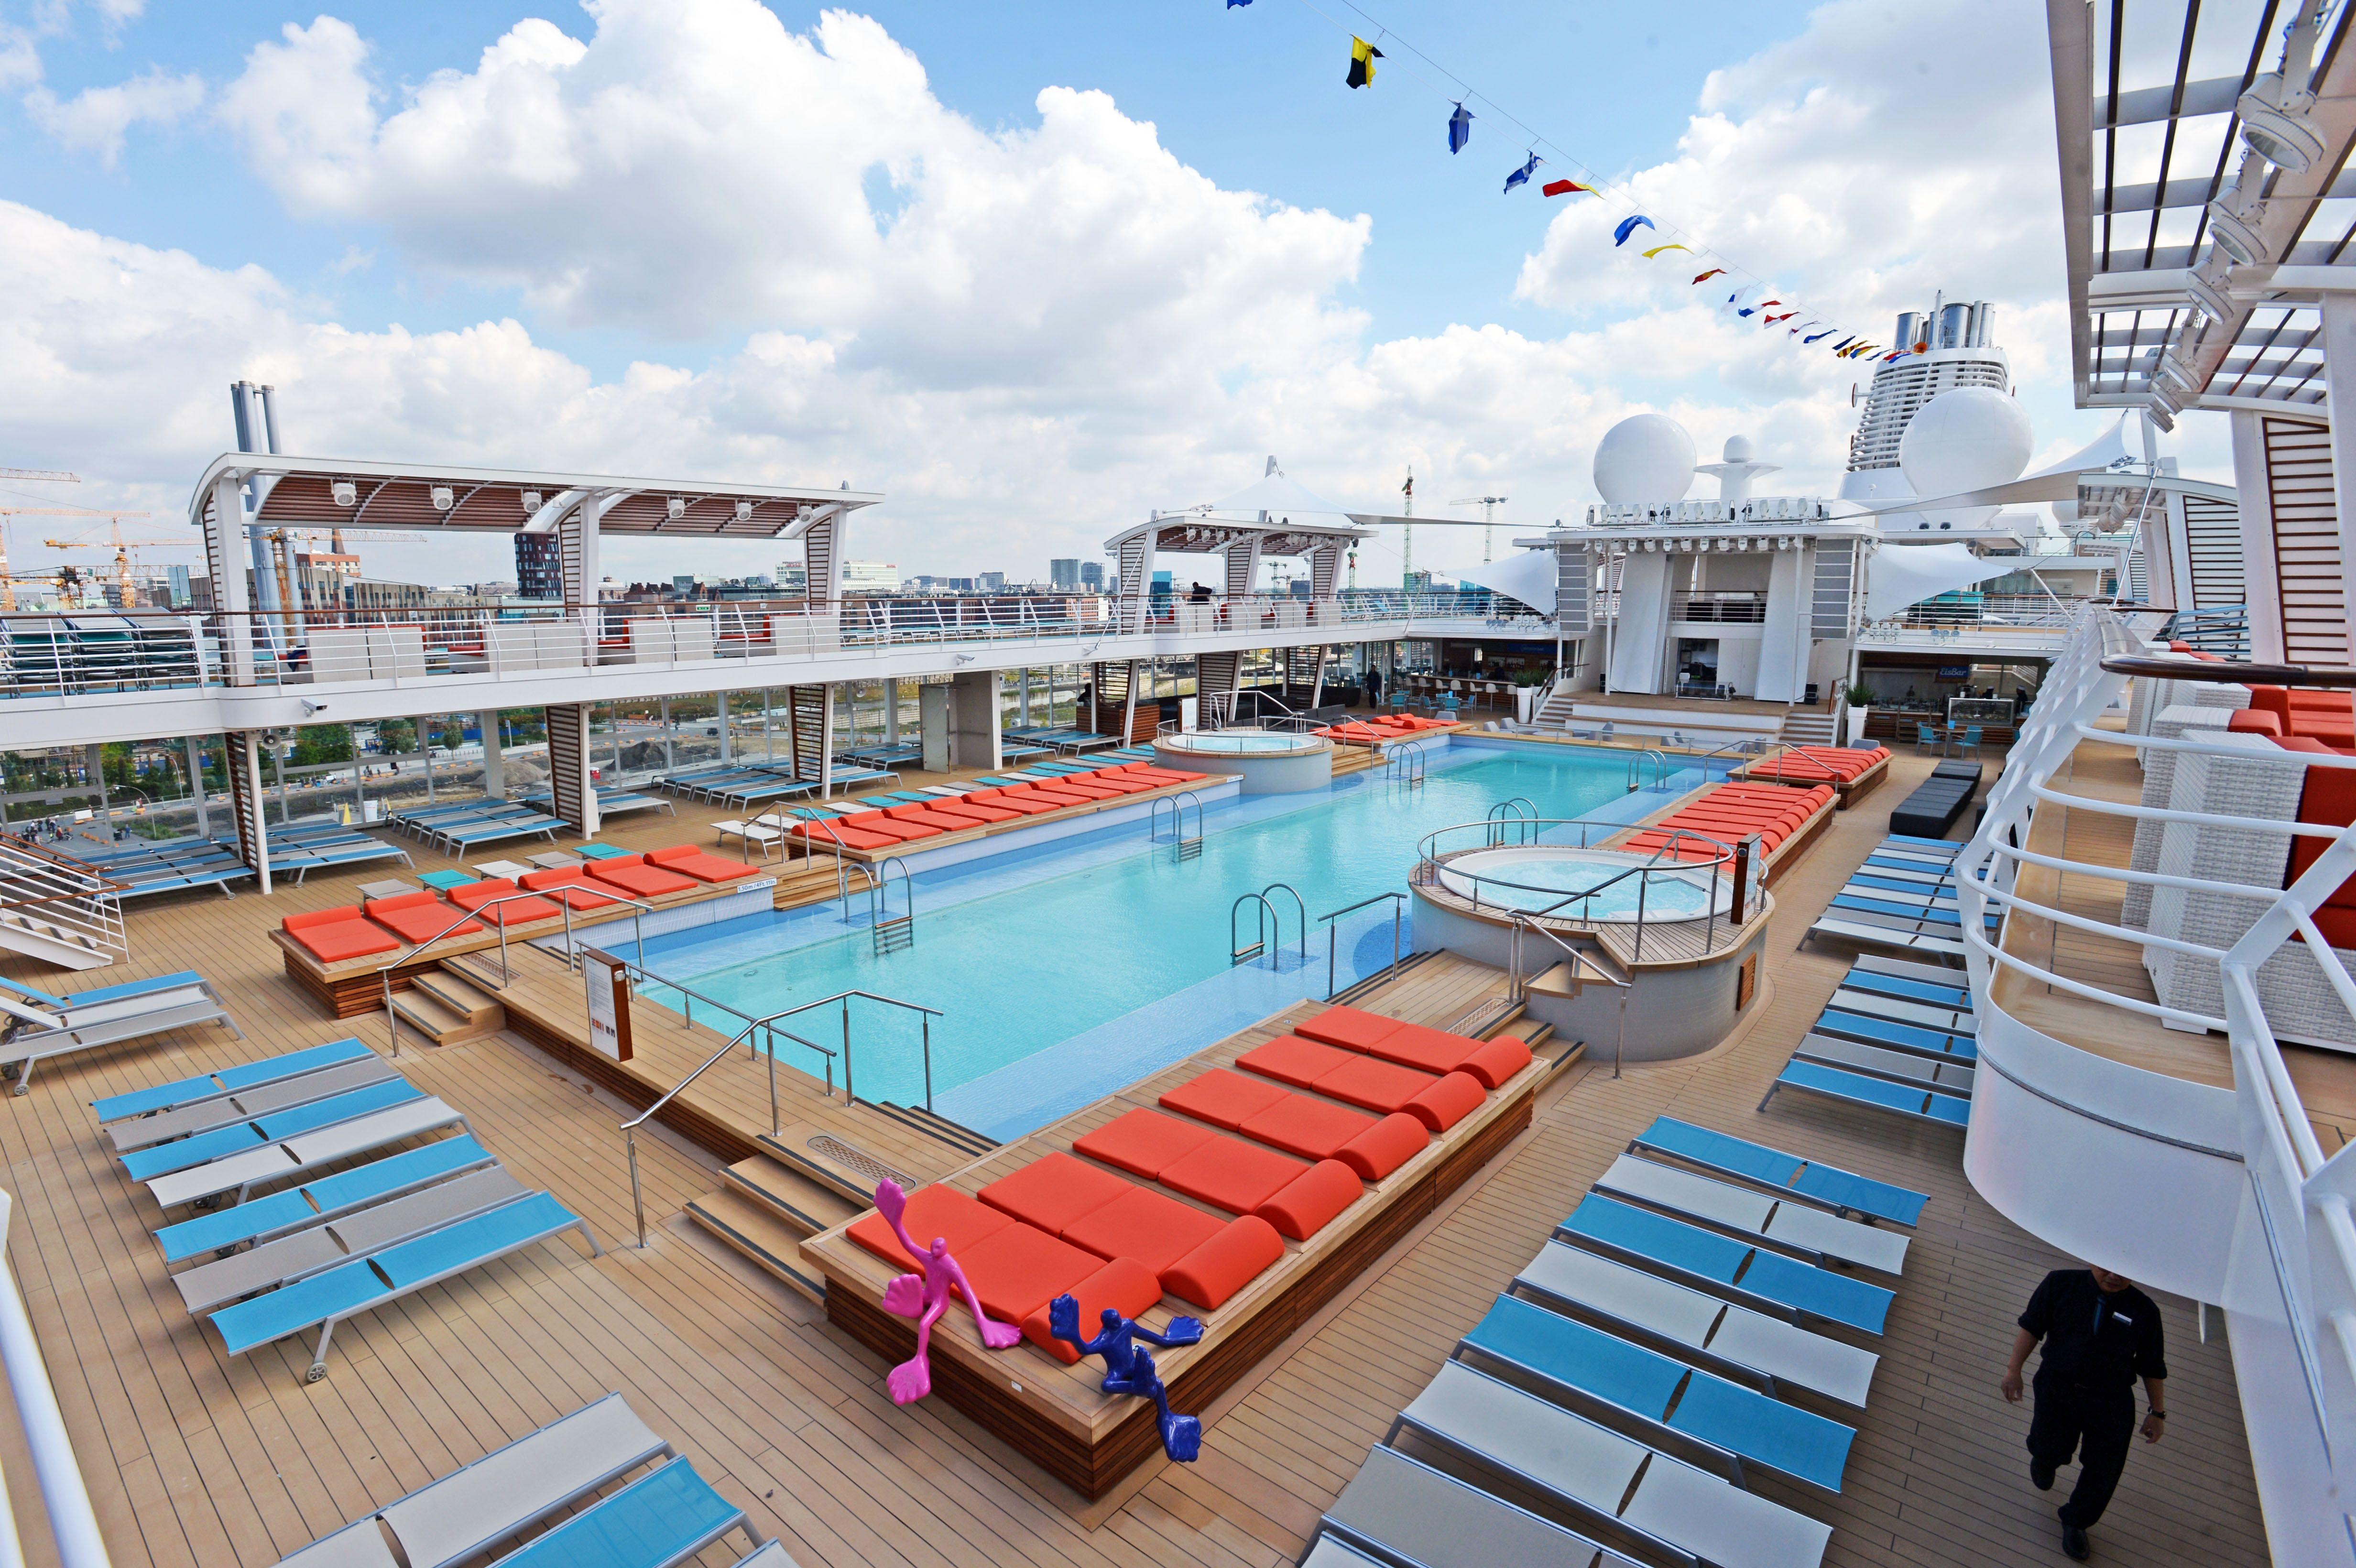 Die Mein Schiff 5. Der Pool ldt bei diesen Temperaturen ...